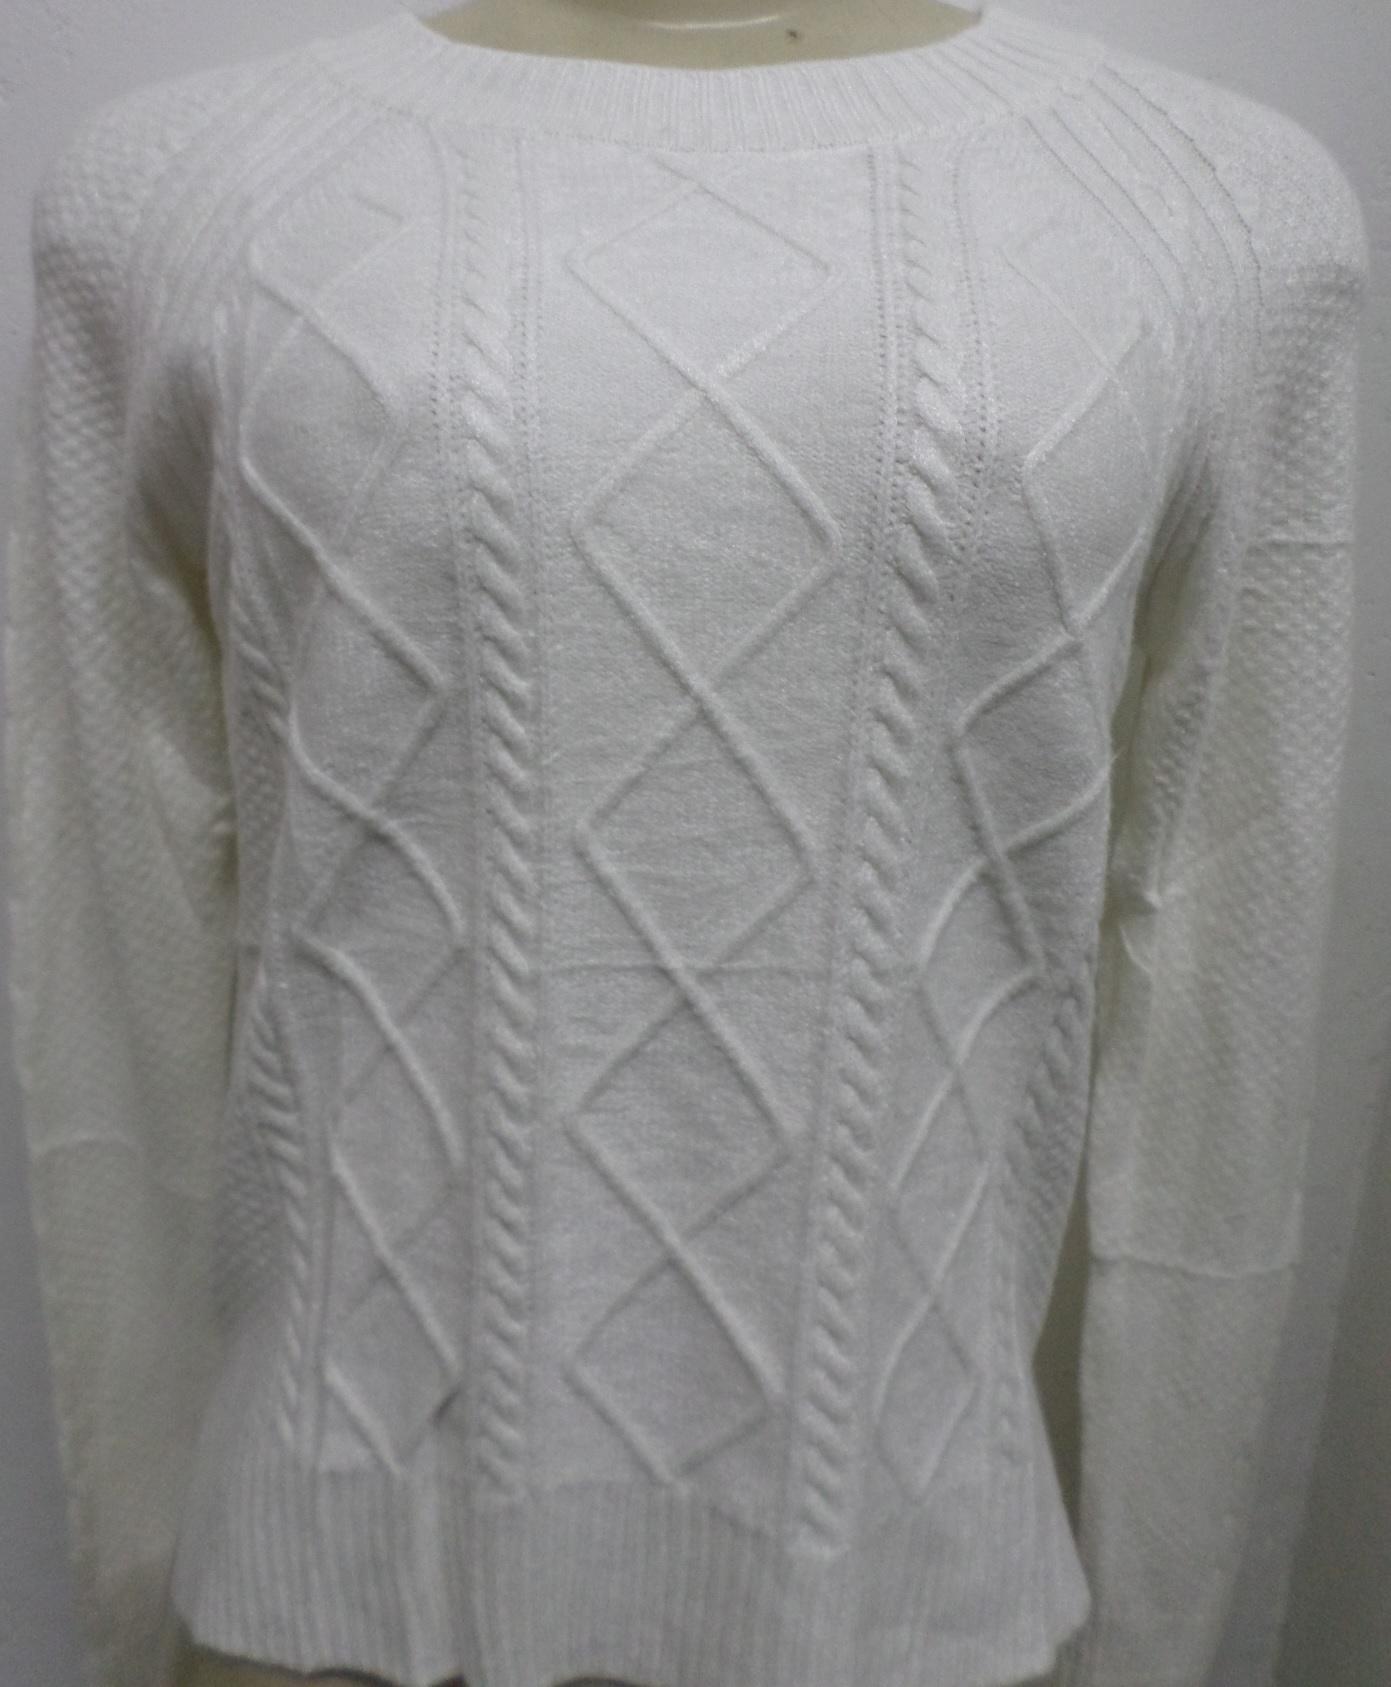 Blusa Feminina Lã Xadrez Cores - R$54,99 - [PINK143]